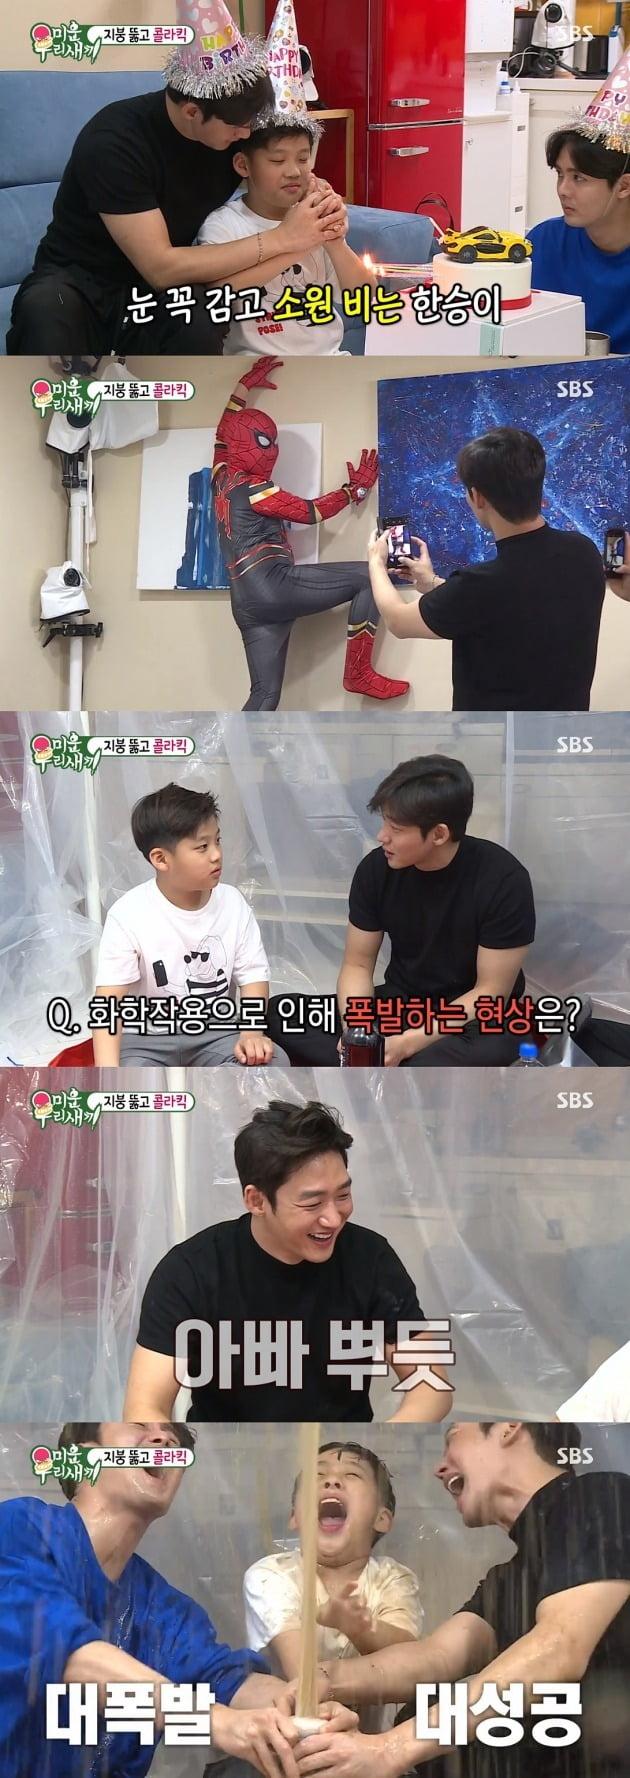 SBS '미운 우리 새끼' 방송화면 캡처.